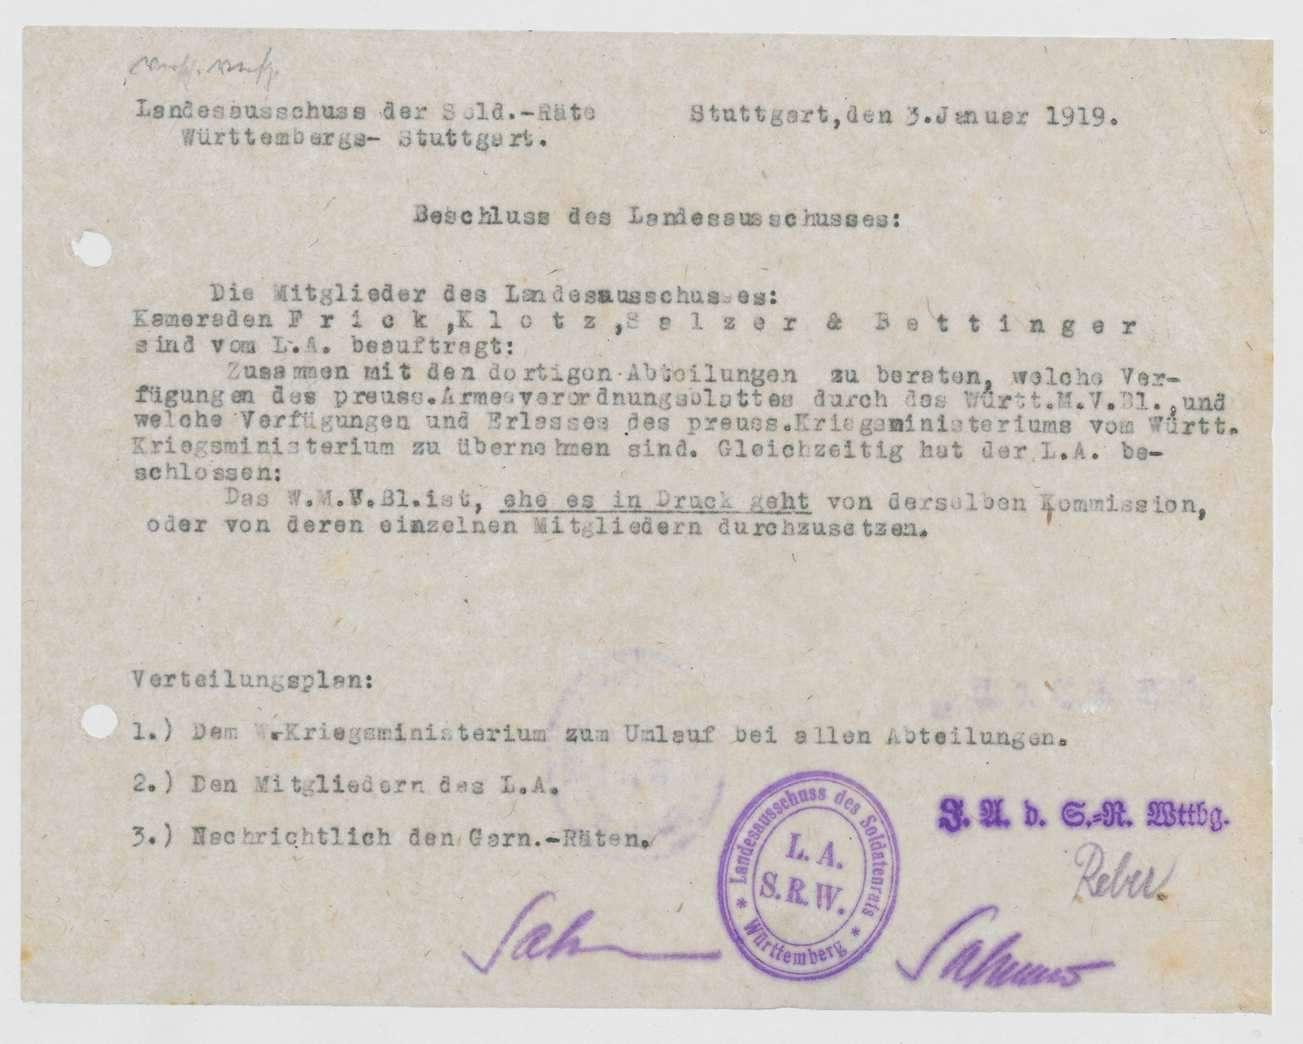 Mitteilung des Landesausschusses der Soldatenräte über die Bildung einer Kommission zur Auswahl der in das Württembergische Militärverordnungsblatt bzw. vom Kriegsministerium zu übernehmenden preußischen Verfügungen, Bild 1